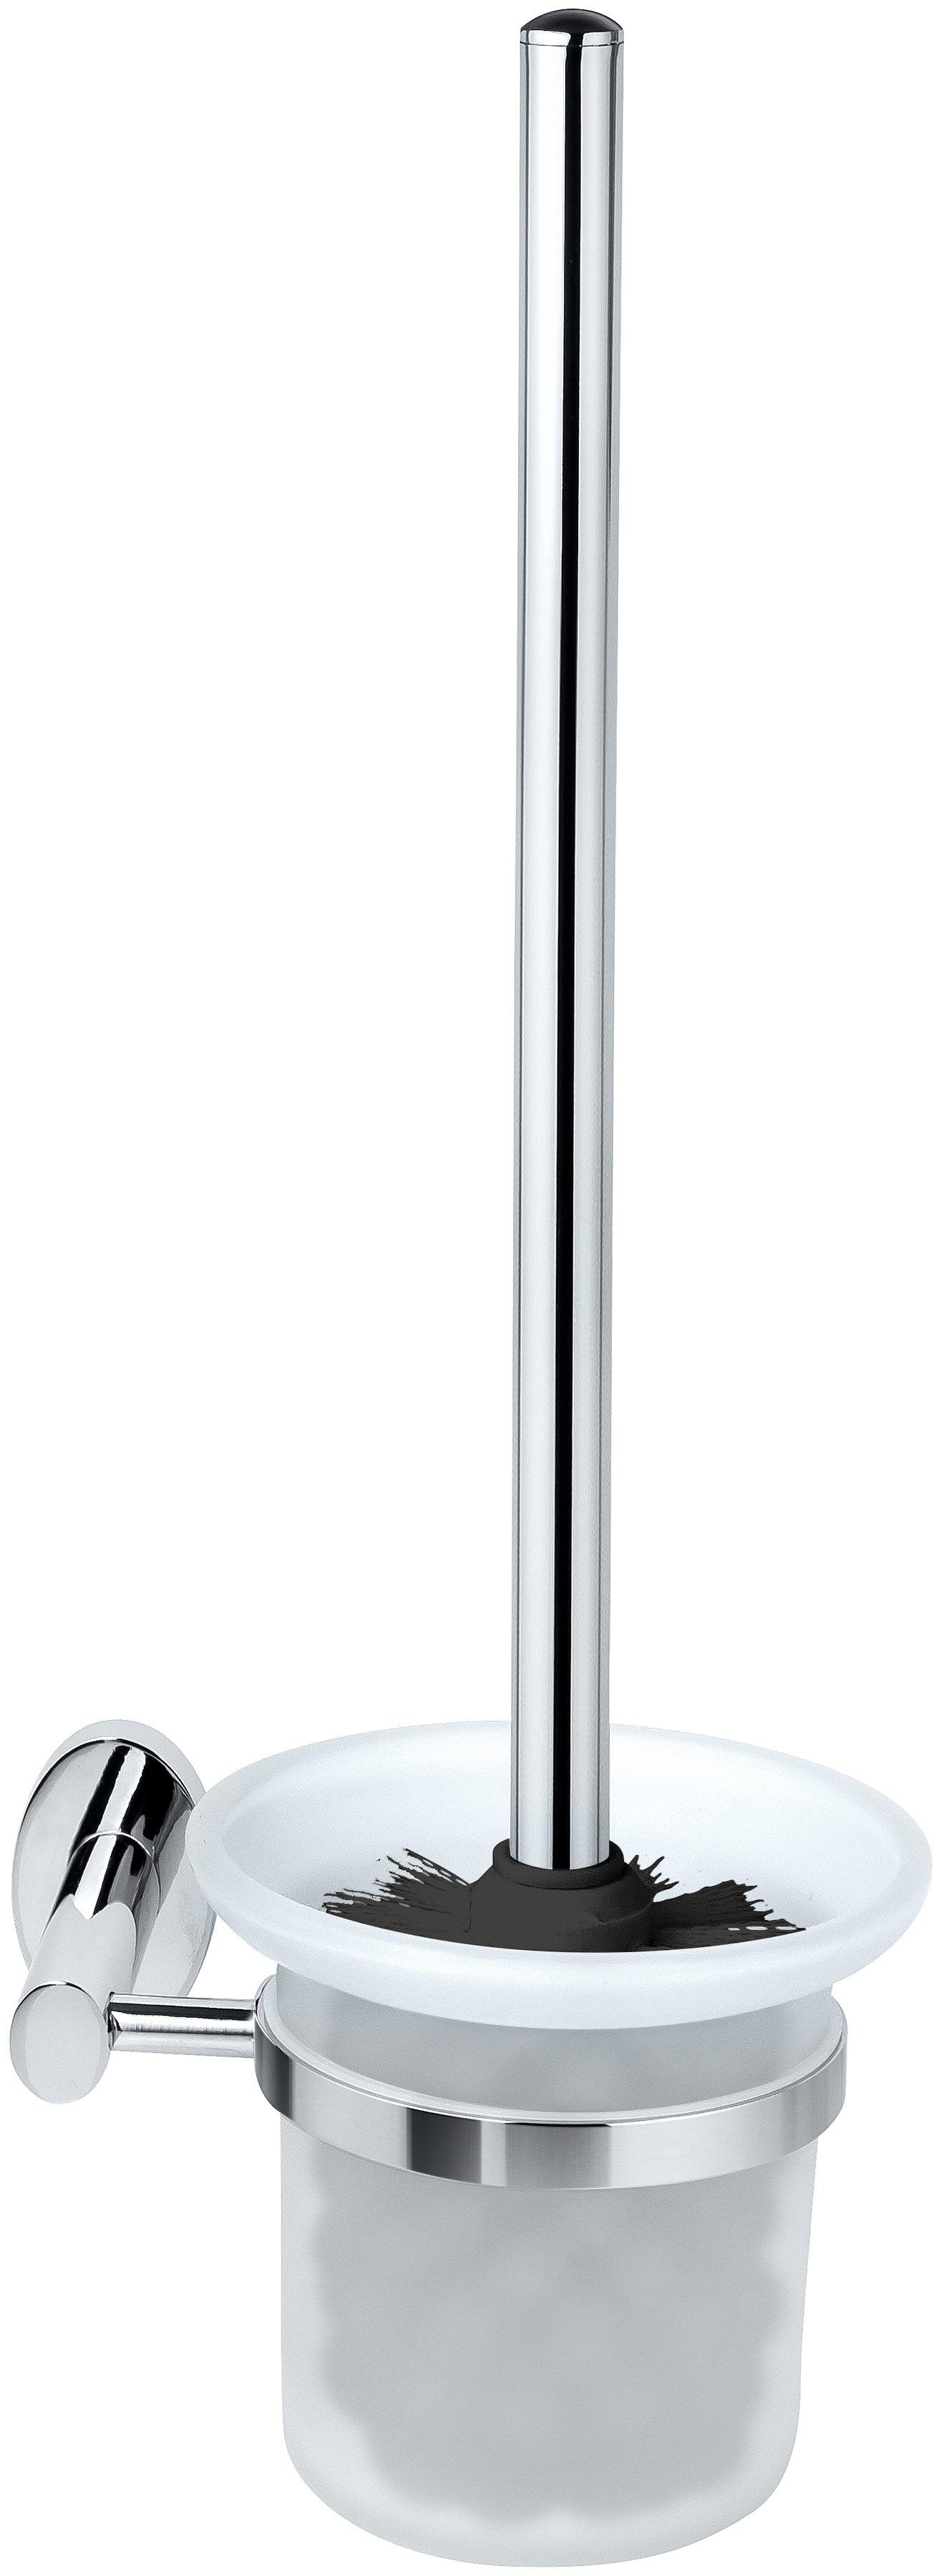 Fackelmann Toiletborstelset »TARIS« bestellen: 14 dagen bedenktijd